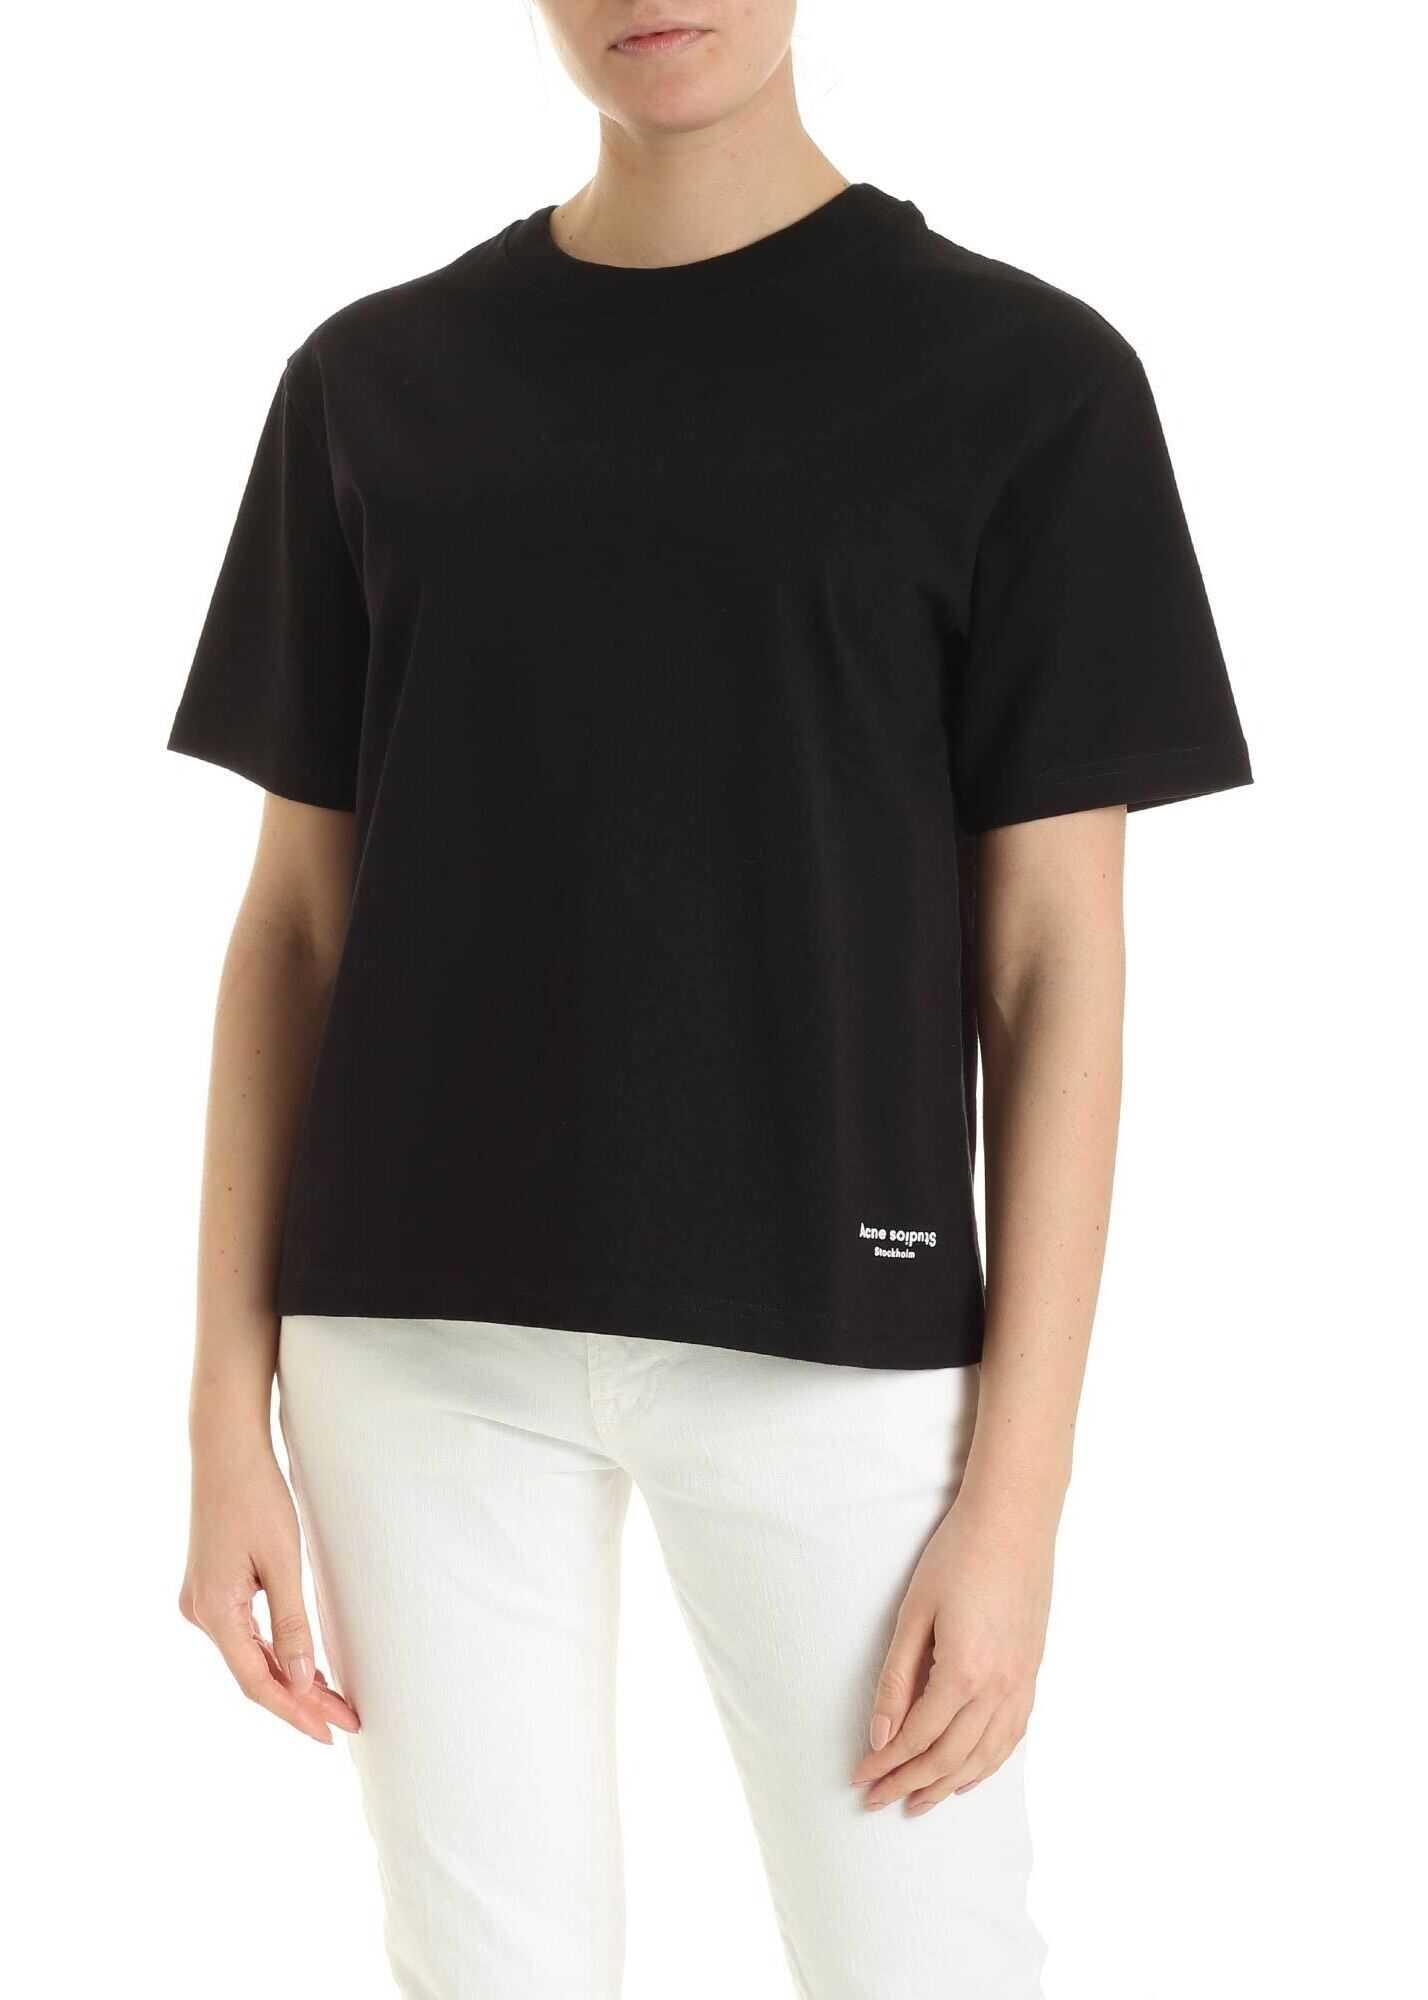 Acne Studios Contrasting Tape T-Shirt In Black Black